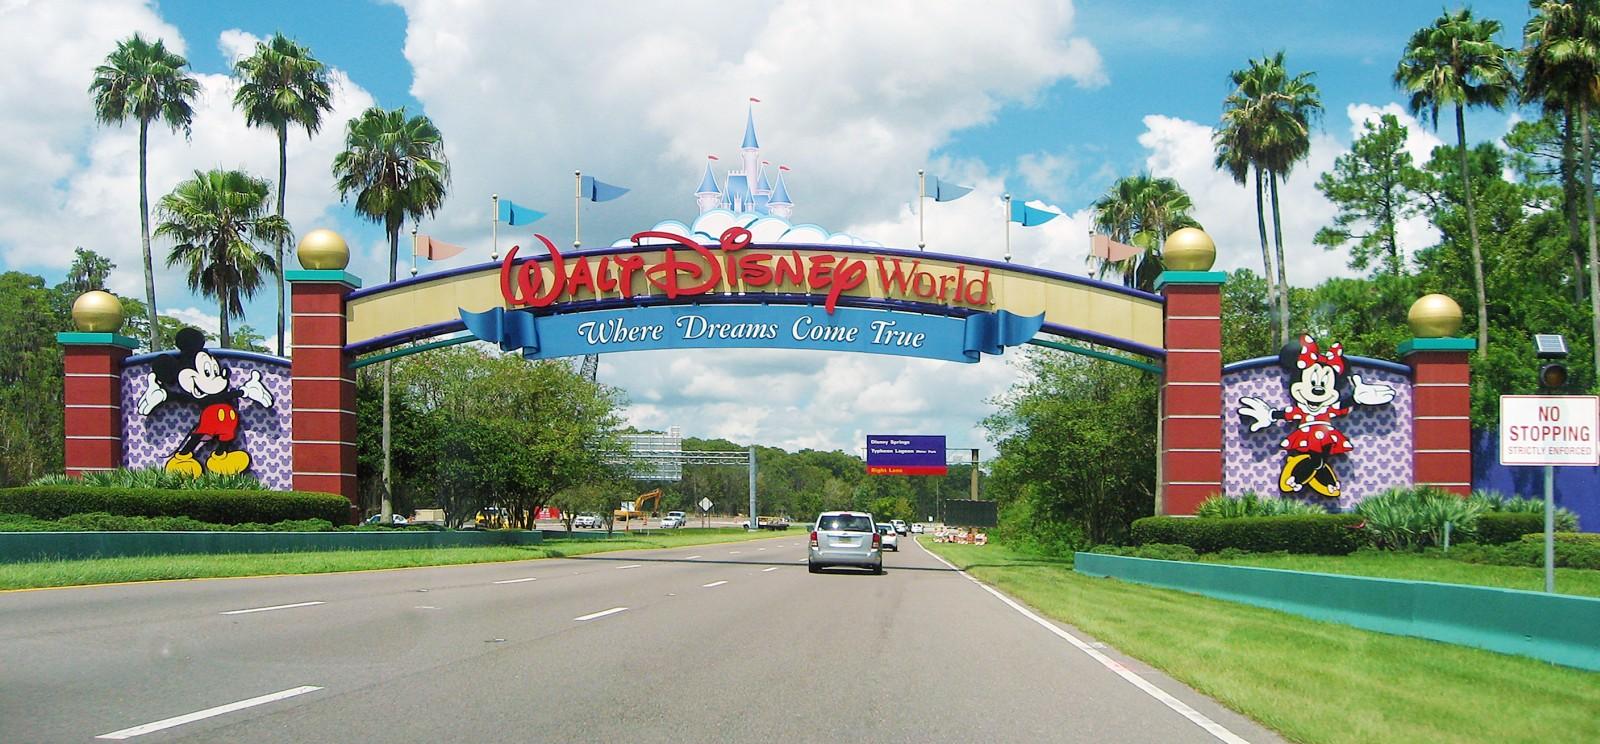 Das Walt Disney World Resort ist ein Komplex mehrerer Freizeitparks in Florida.